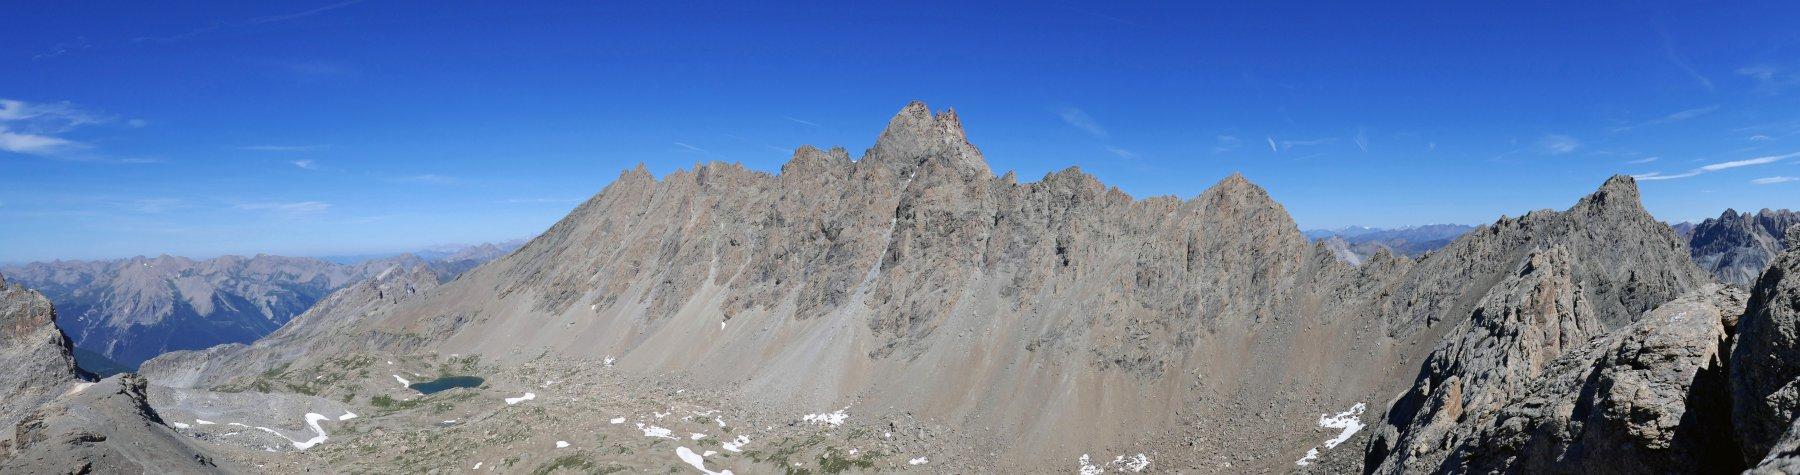 L' Aiguille de Chambeyron 3412 metri